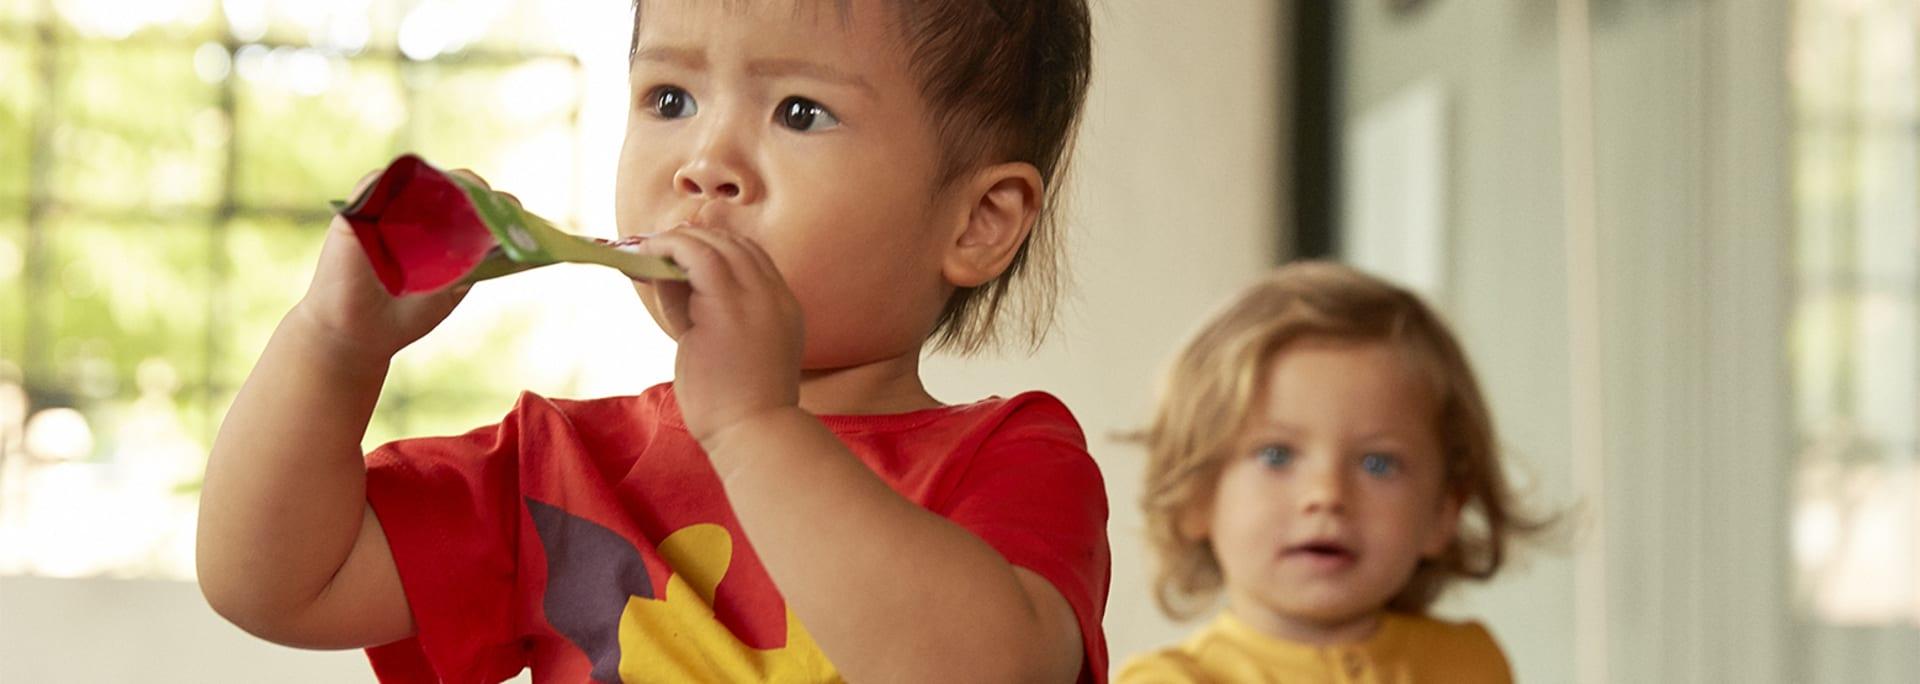 Et barn spiser fra en klemmepose